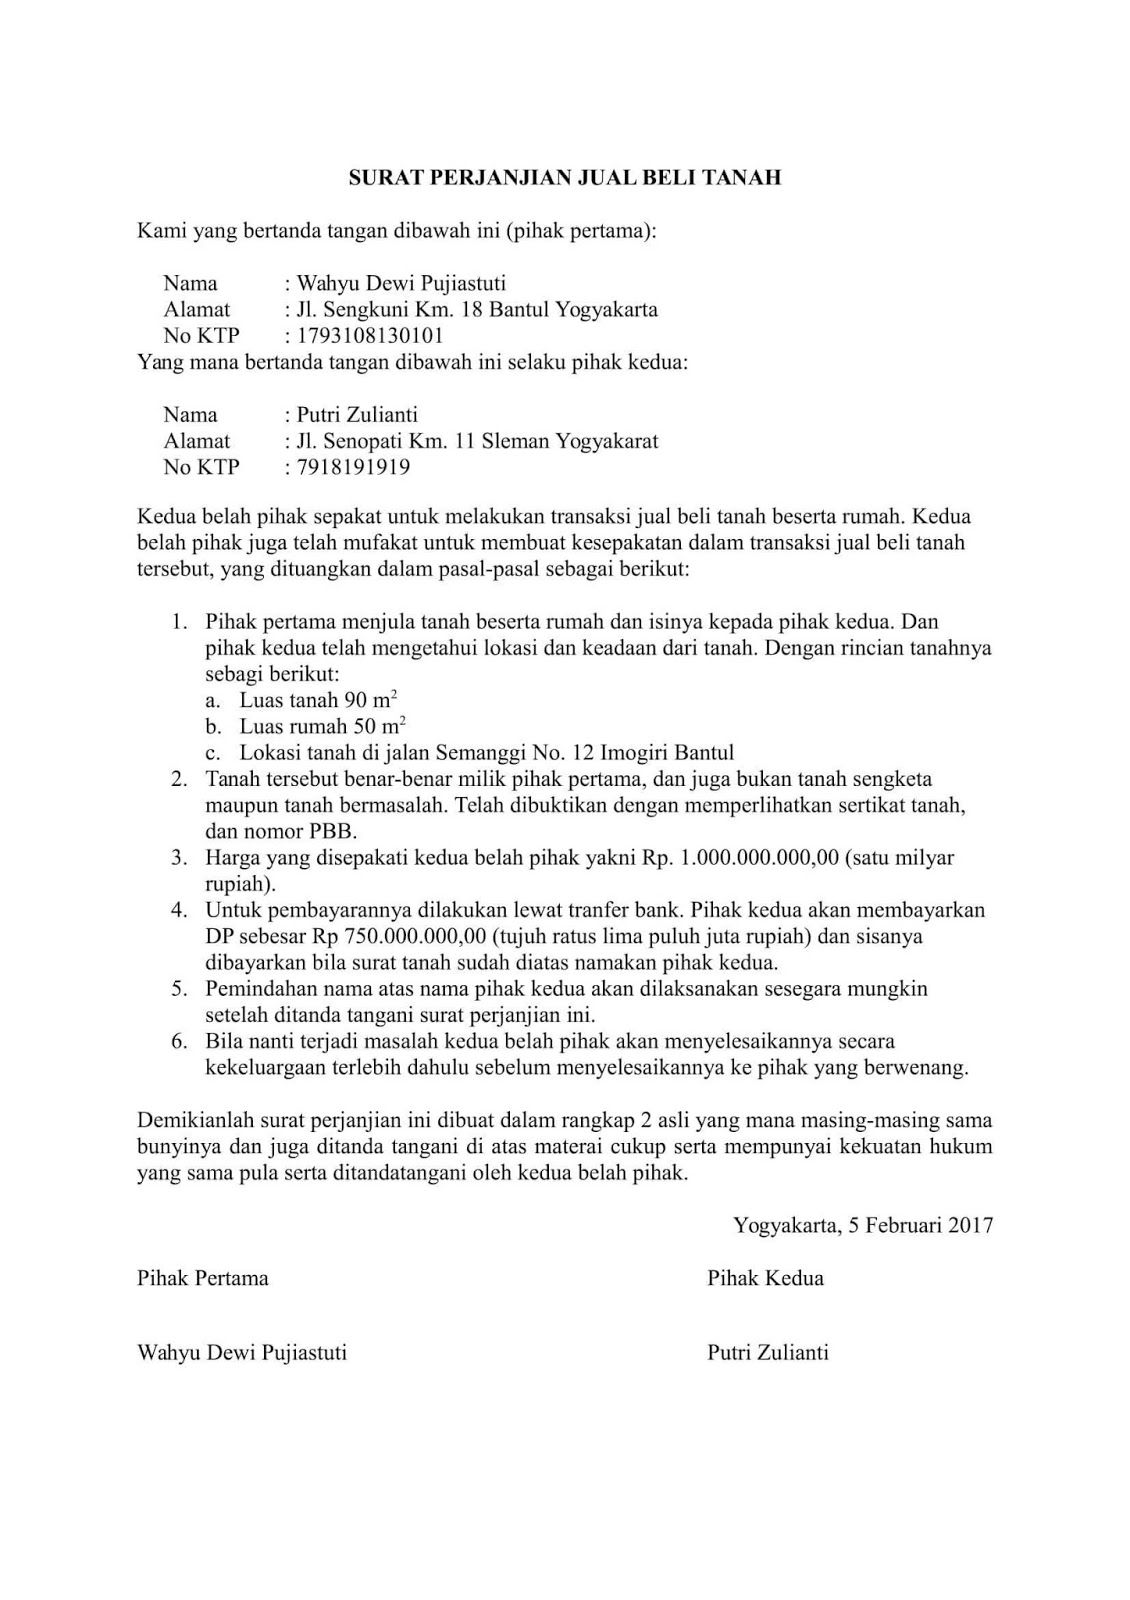 contoh surat jual beli tanah pdf